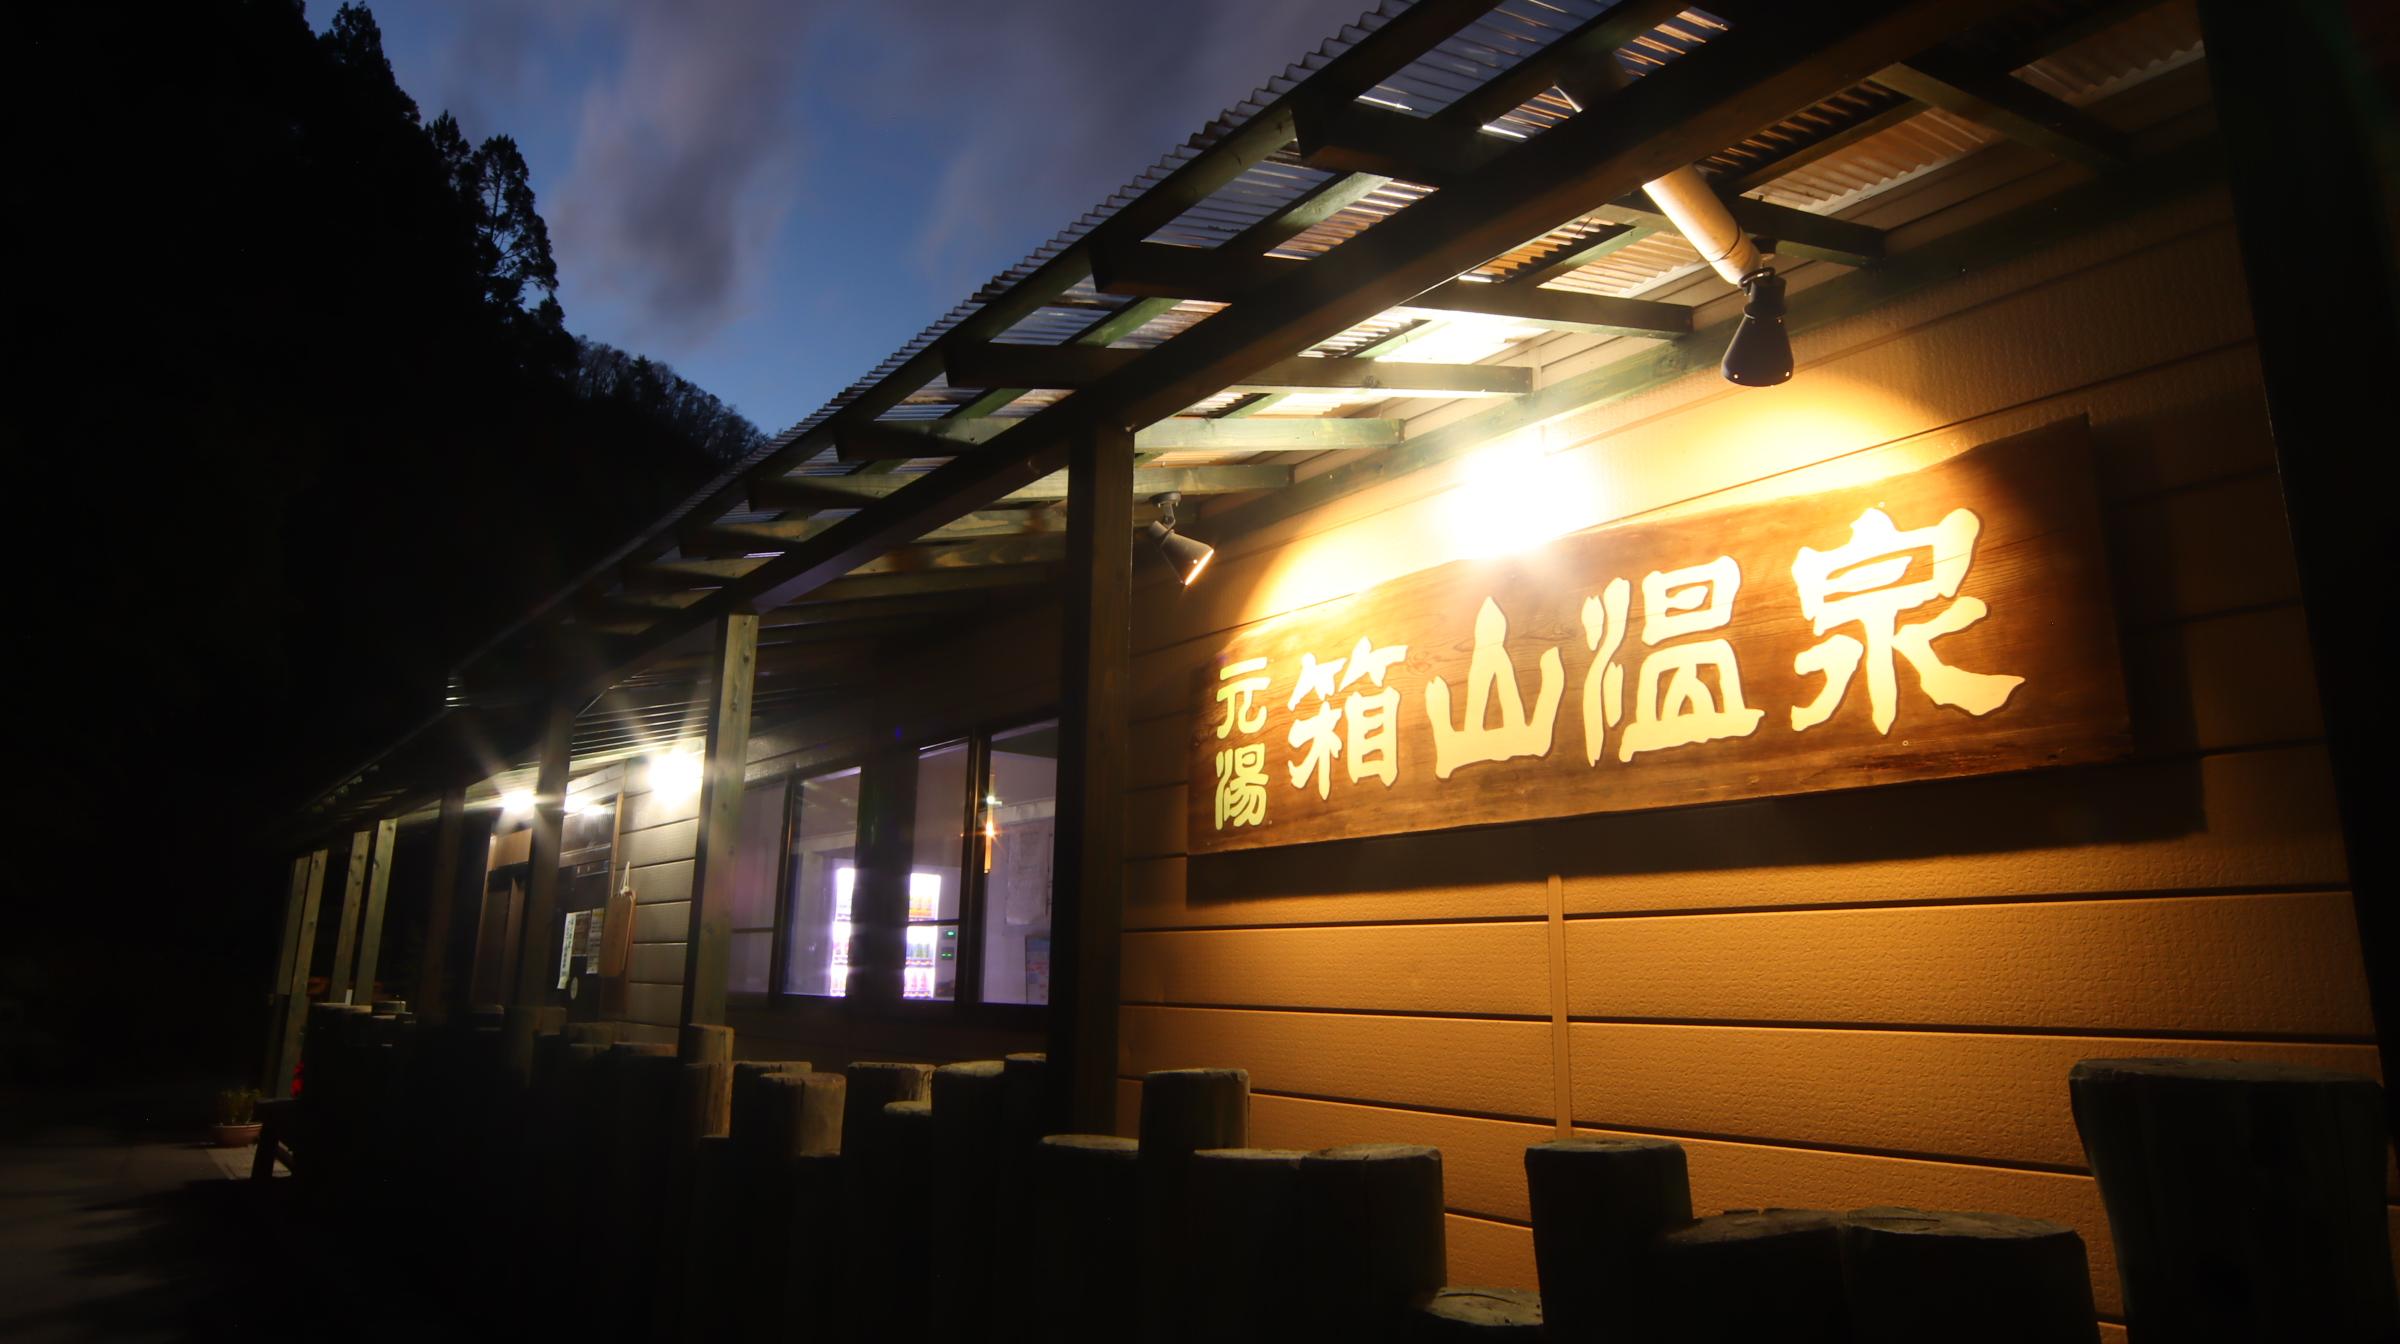 元湯 箱山温泉 image